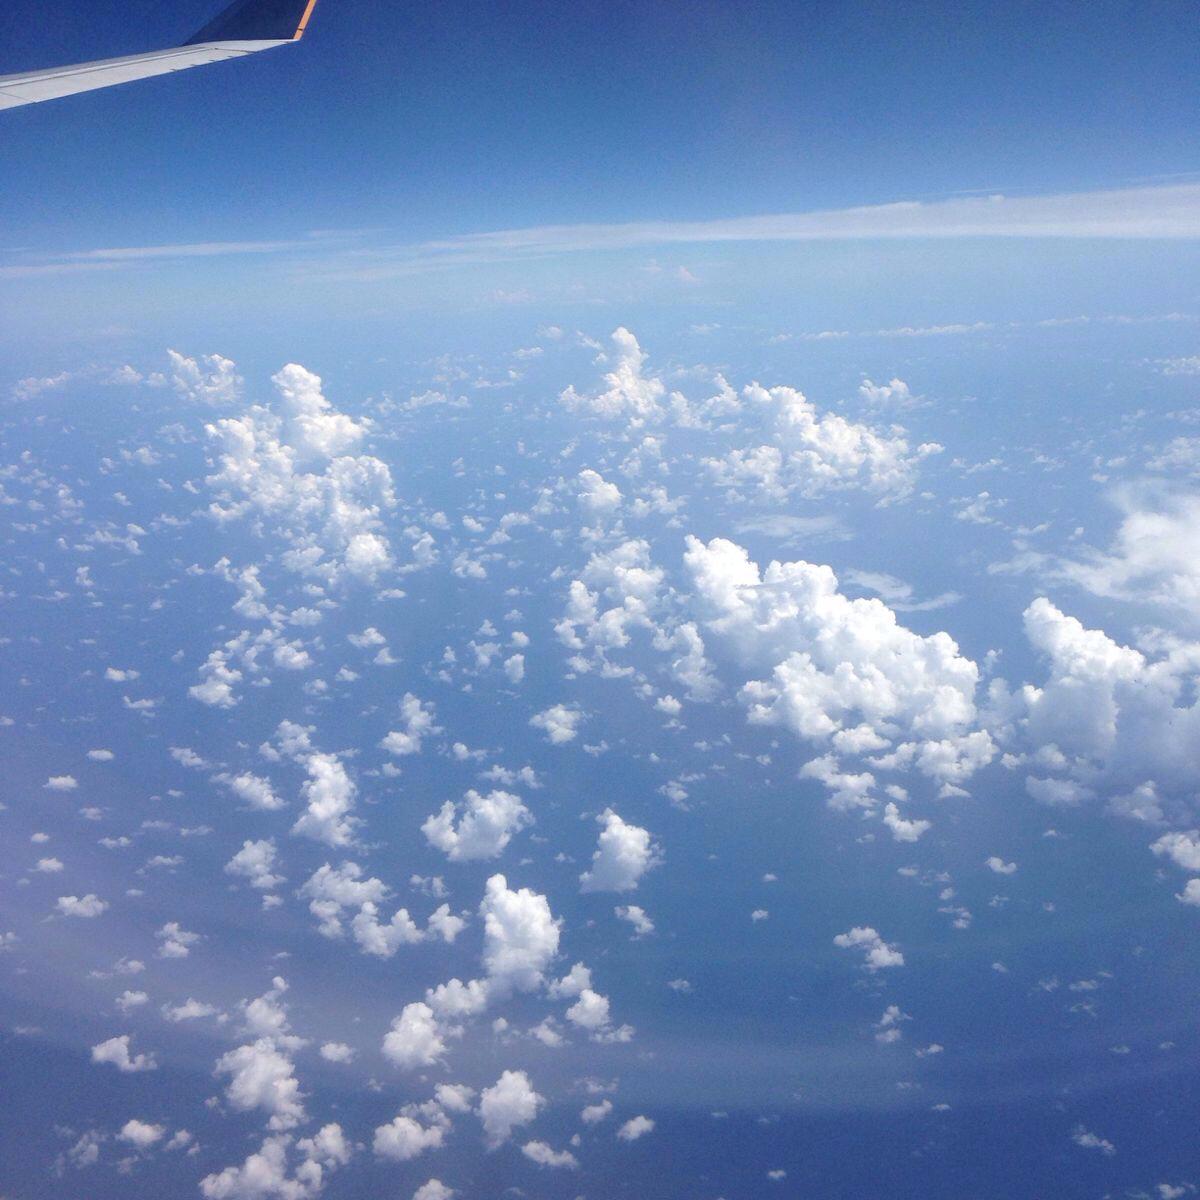 飞机起飞了,风景好美!